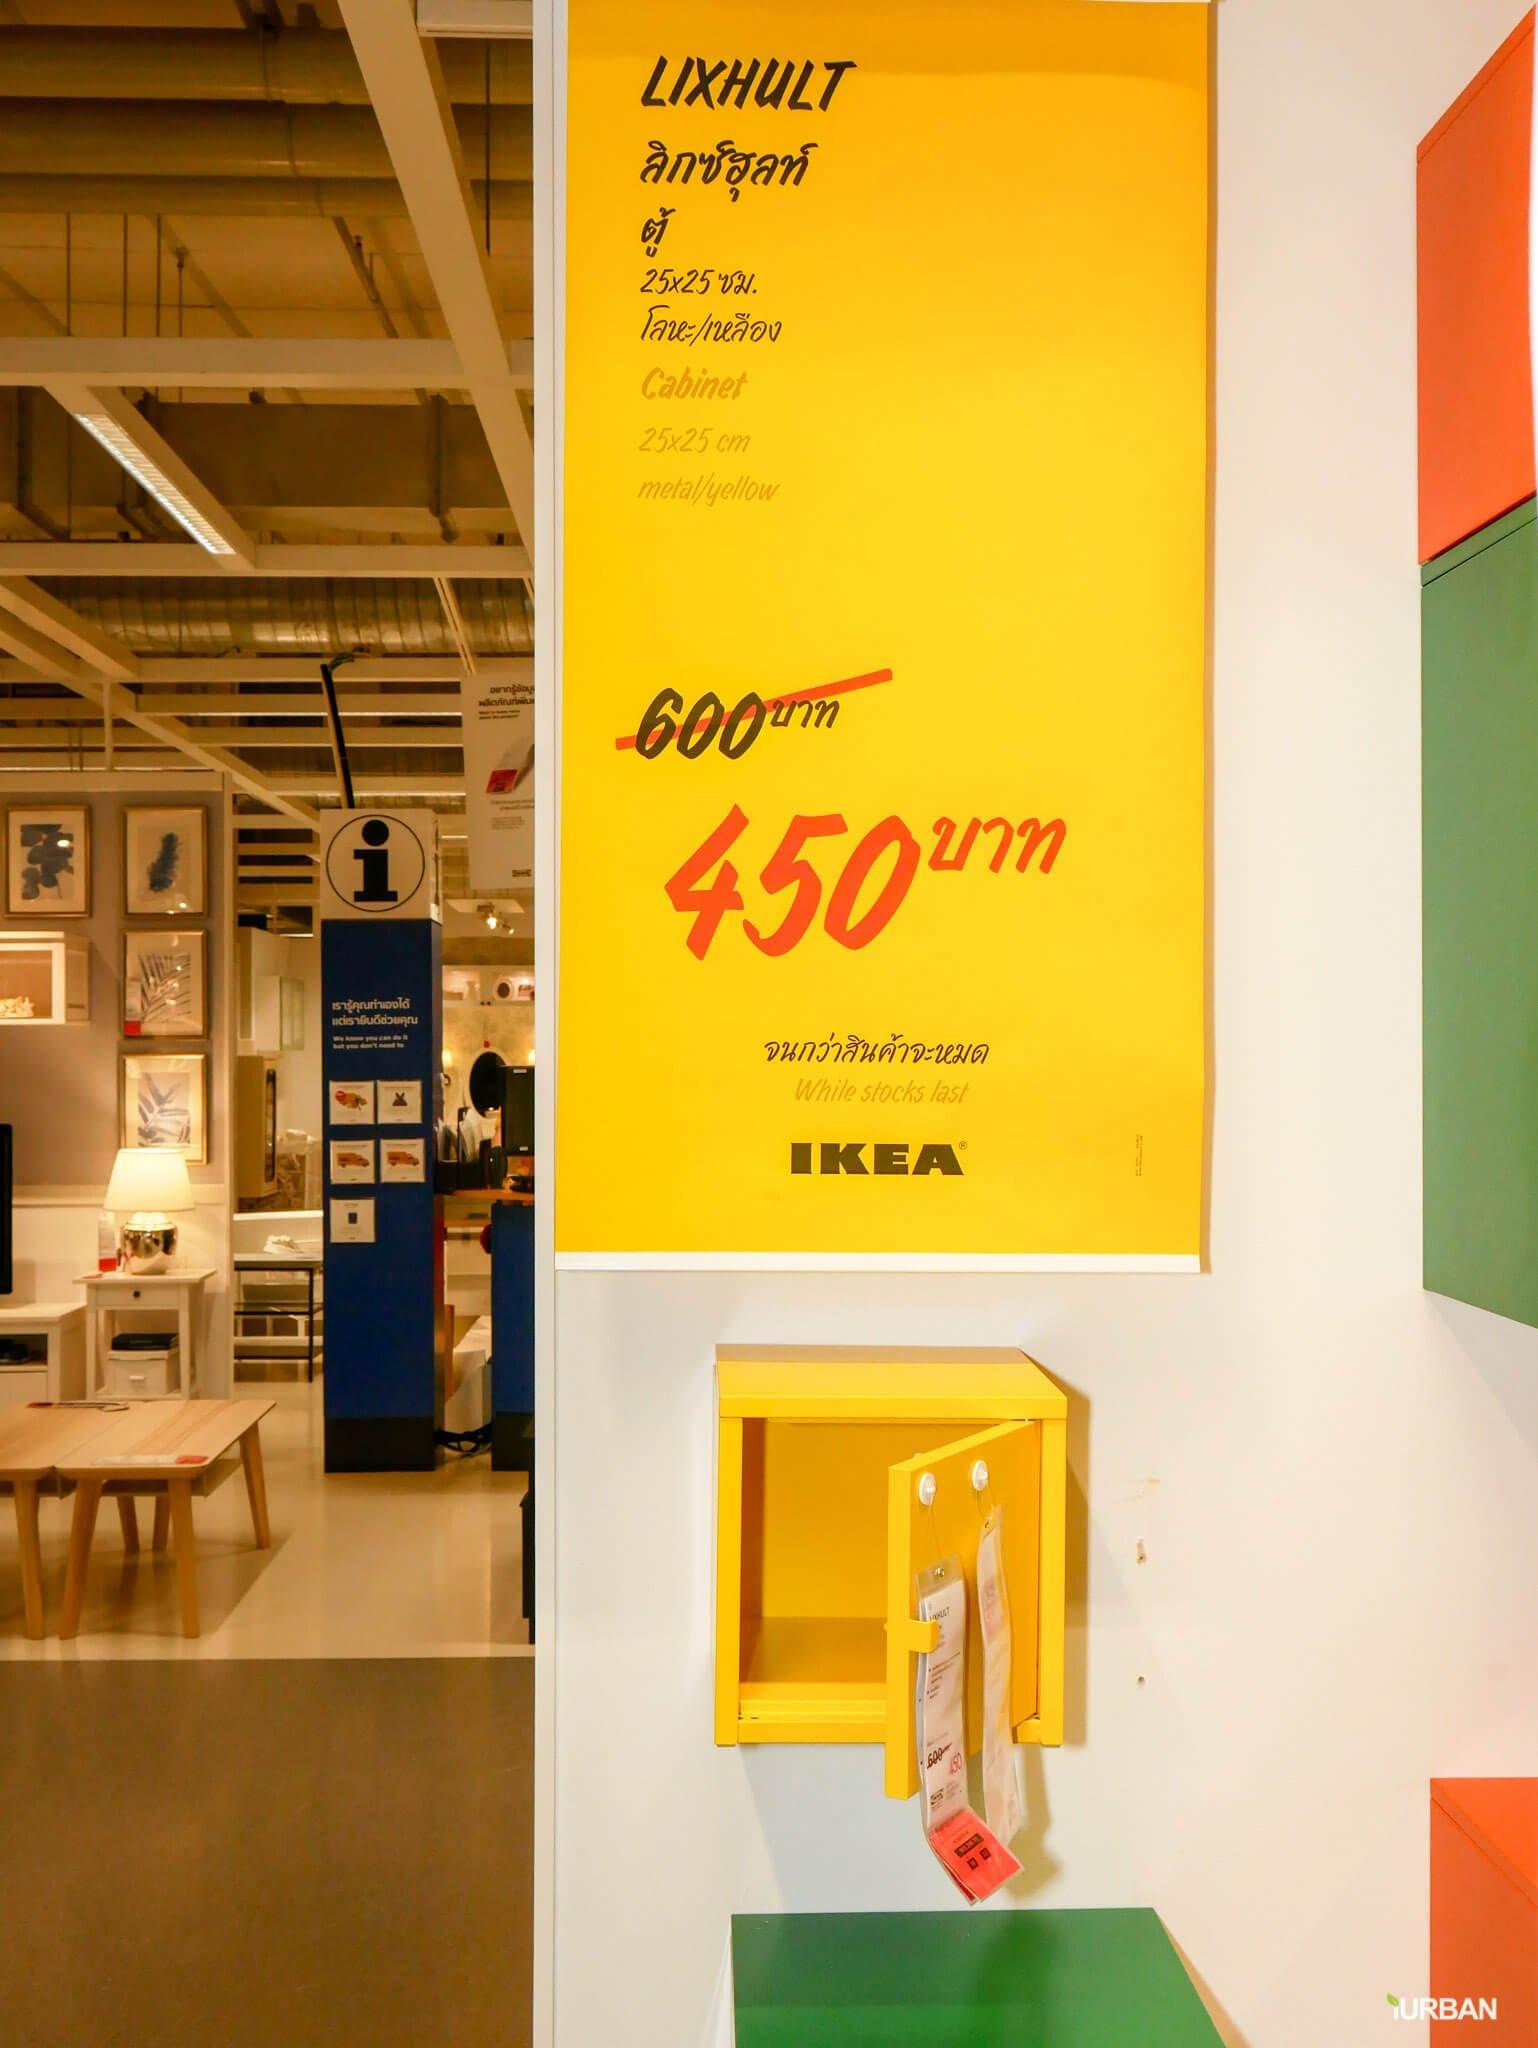 มันเยอะมากกกก!! IKEA Year End SALE 2017 รวมของเซลในอิเกีย ลดเยอะ ลดแหลก รีบพุ่งตัวไป วันนี้ - 7 มกราคม 61 28 - IKEA (อิเกีย)